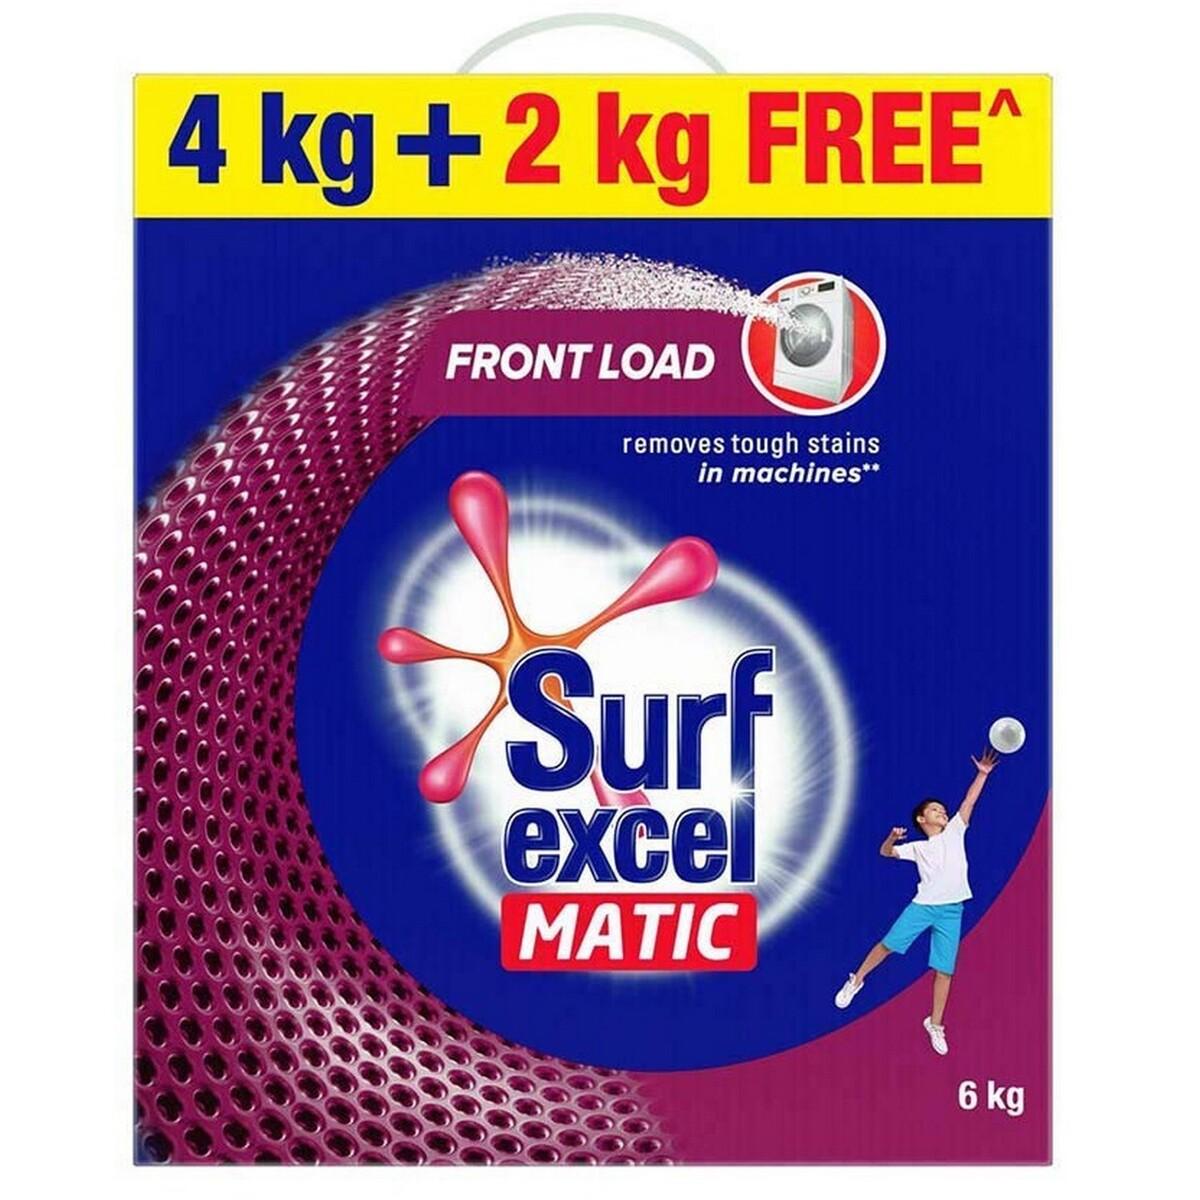 Surfexcel Matic Front Load 4Kg+2Kg Free